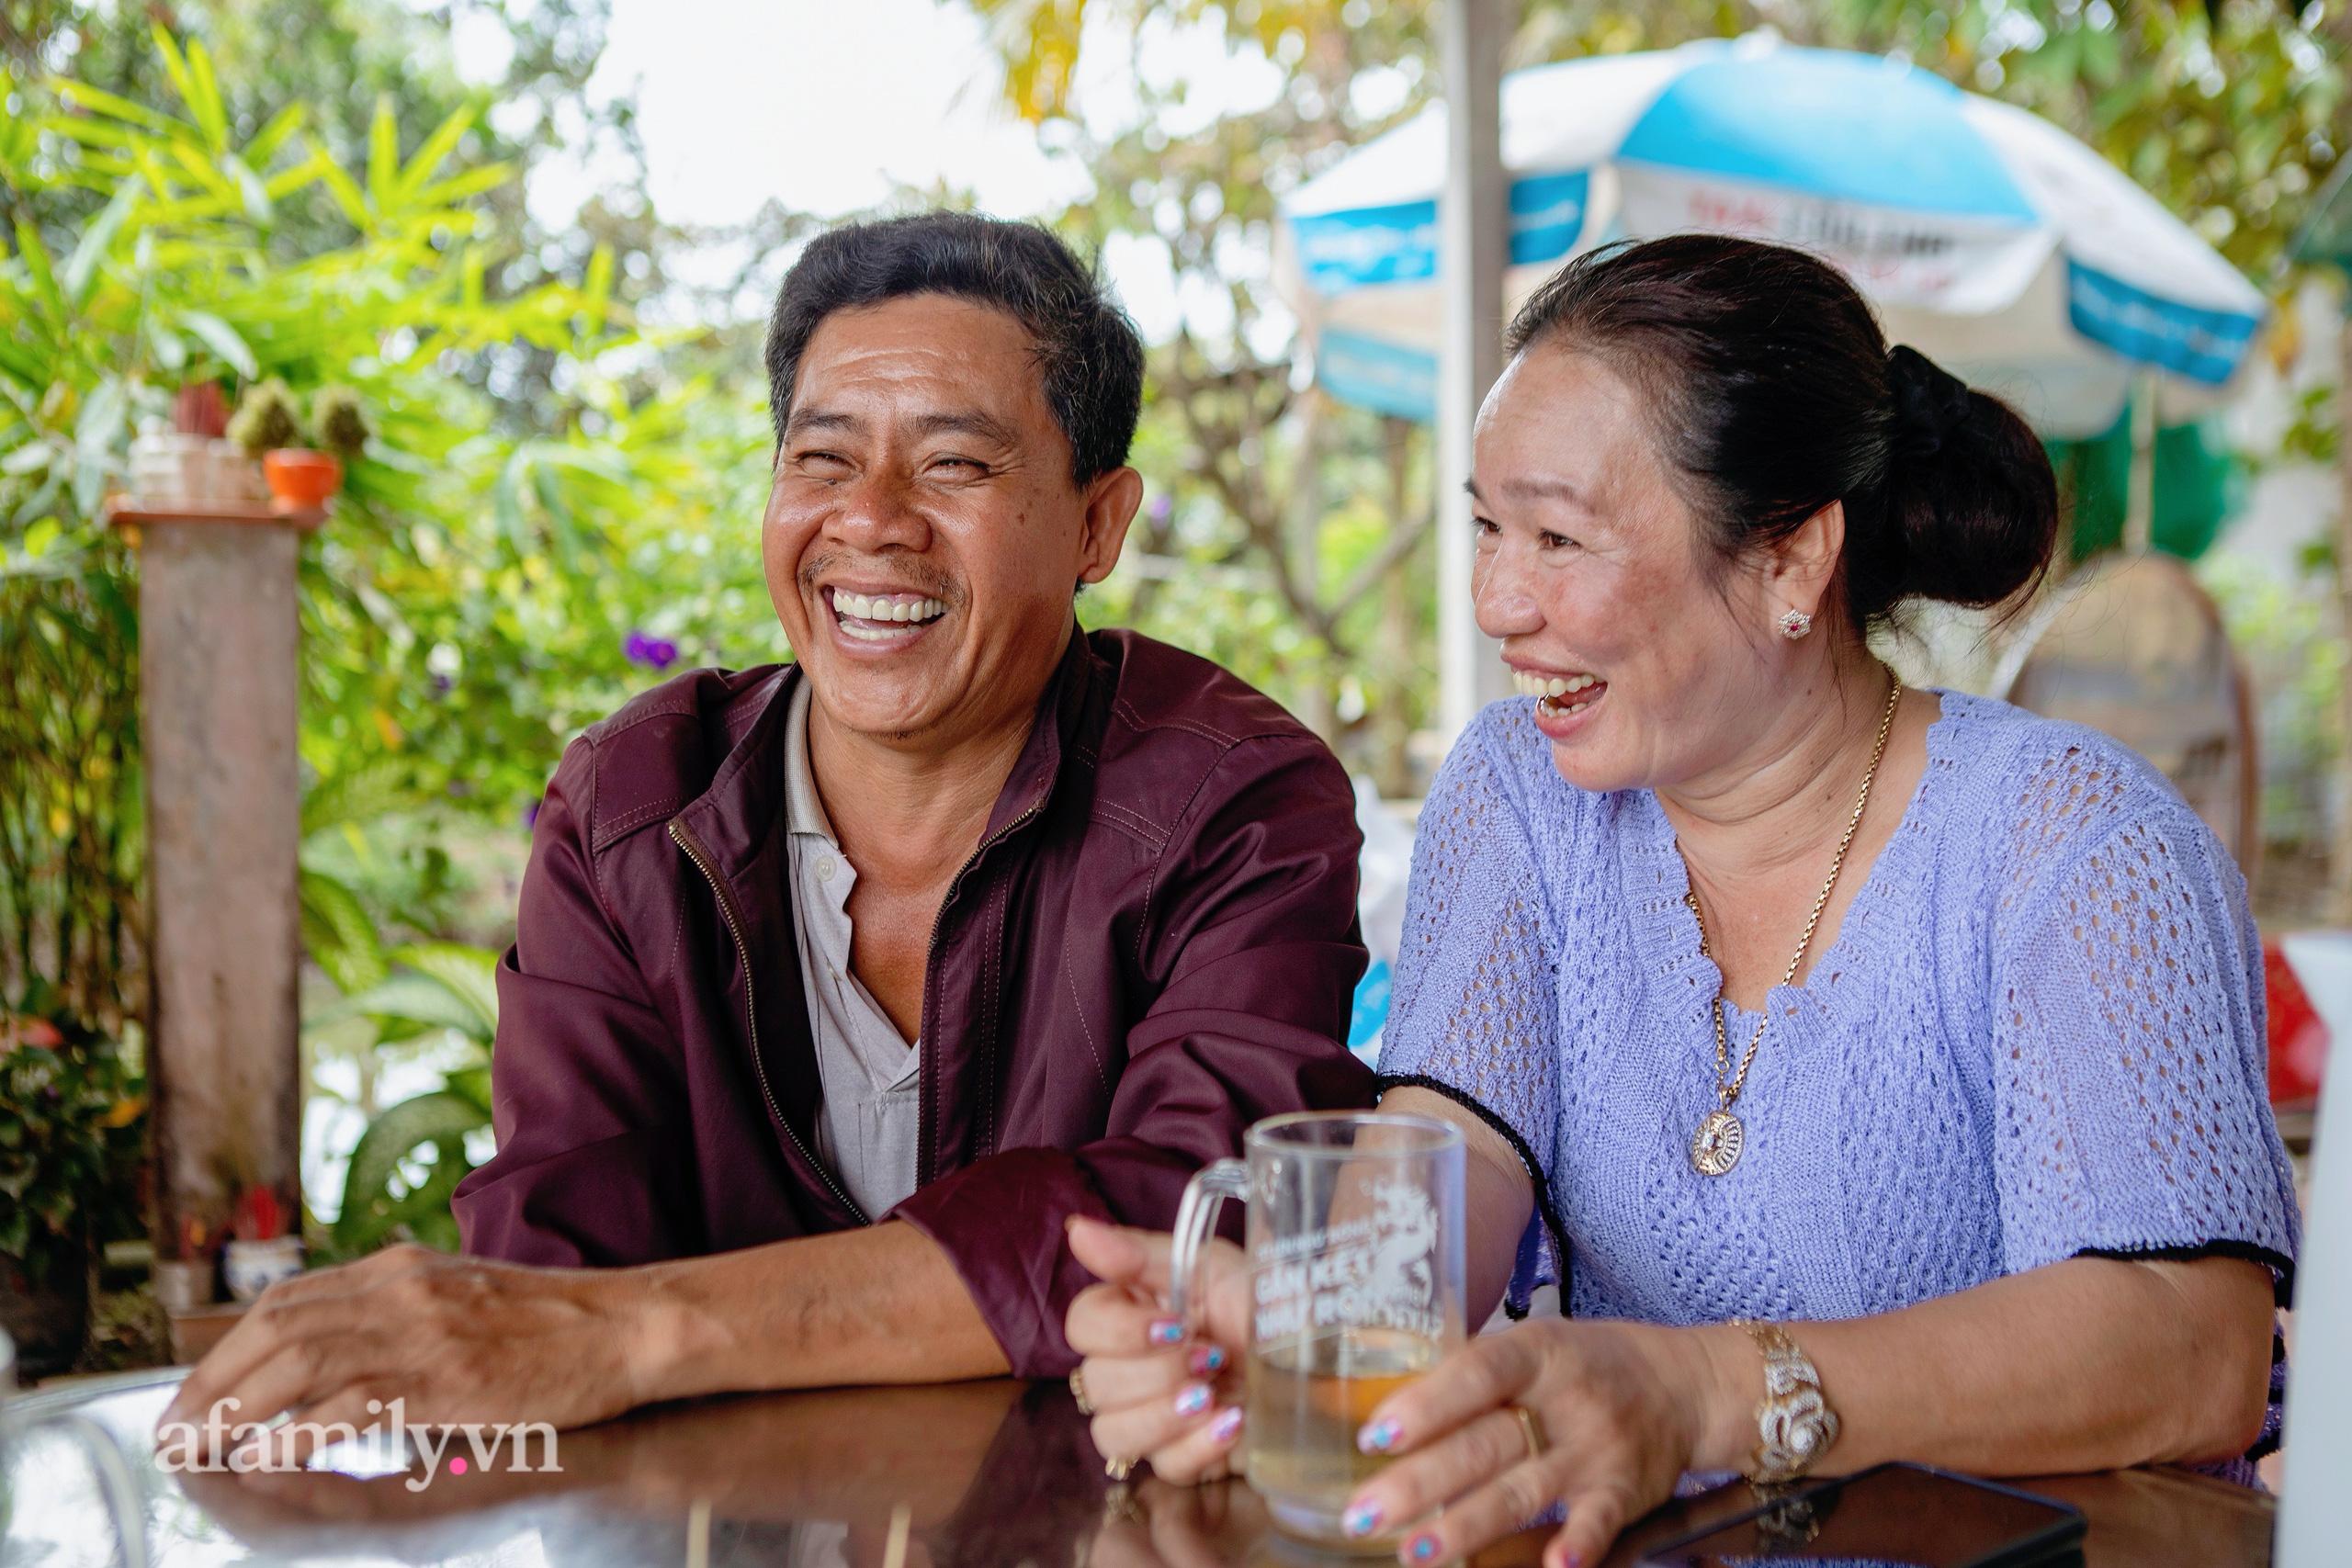 """Ly kỳ chuyện hàng nghìn con cá lóc """"biết bay"""" trên Cồn Sơn và chuyện tình yêu đẹp như cổ tích của hai vợ chồng sấp xỉ 50 tuổi từ thời mở đất đến khi trở thành một """"nông dân giàu"""" - Ảnh 6."""